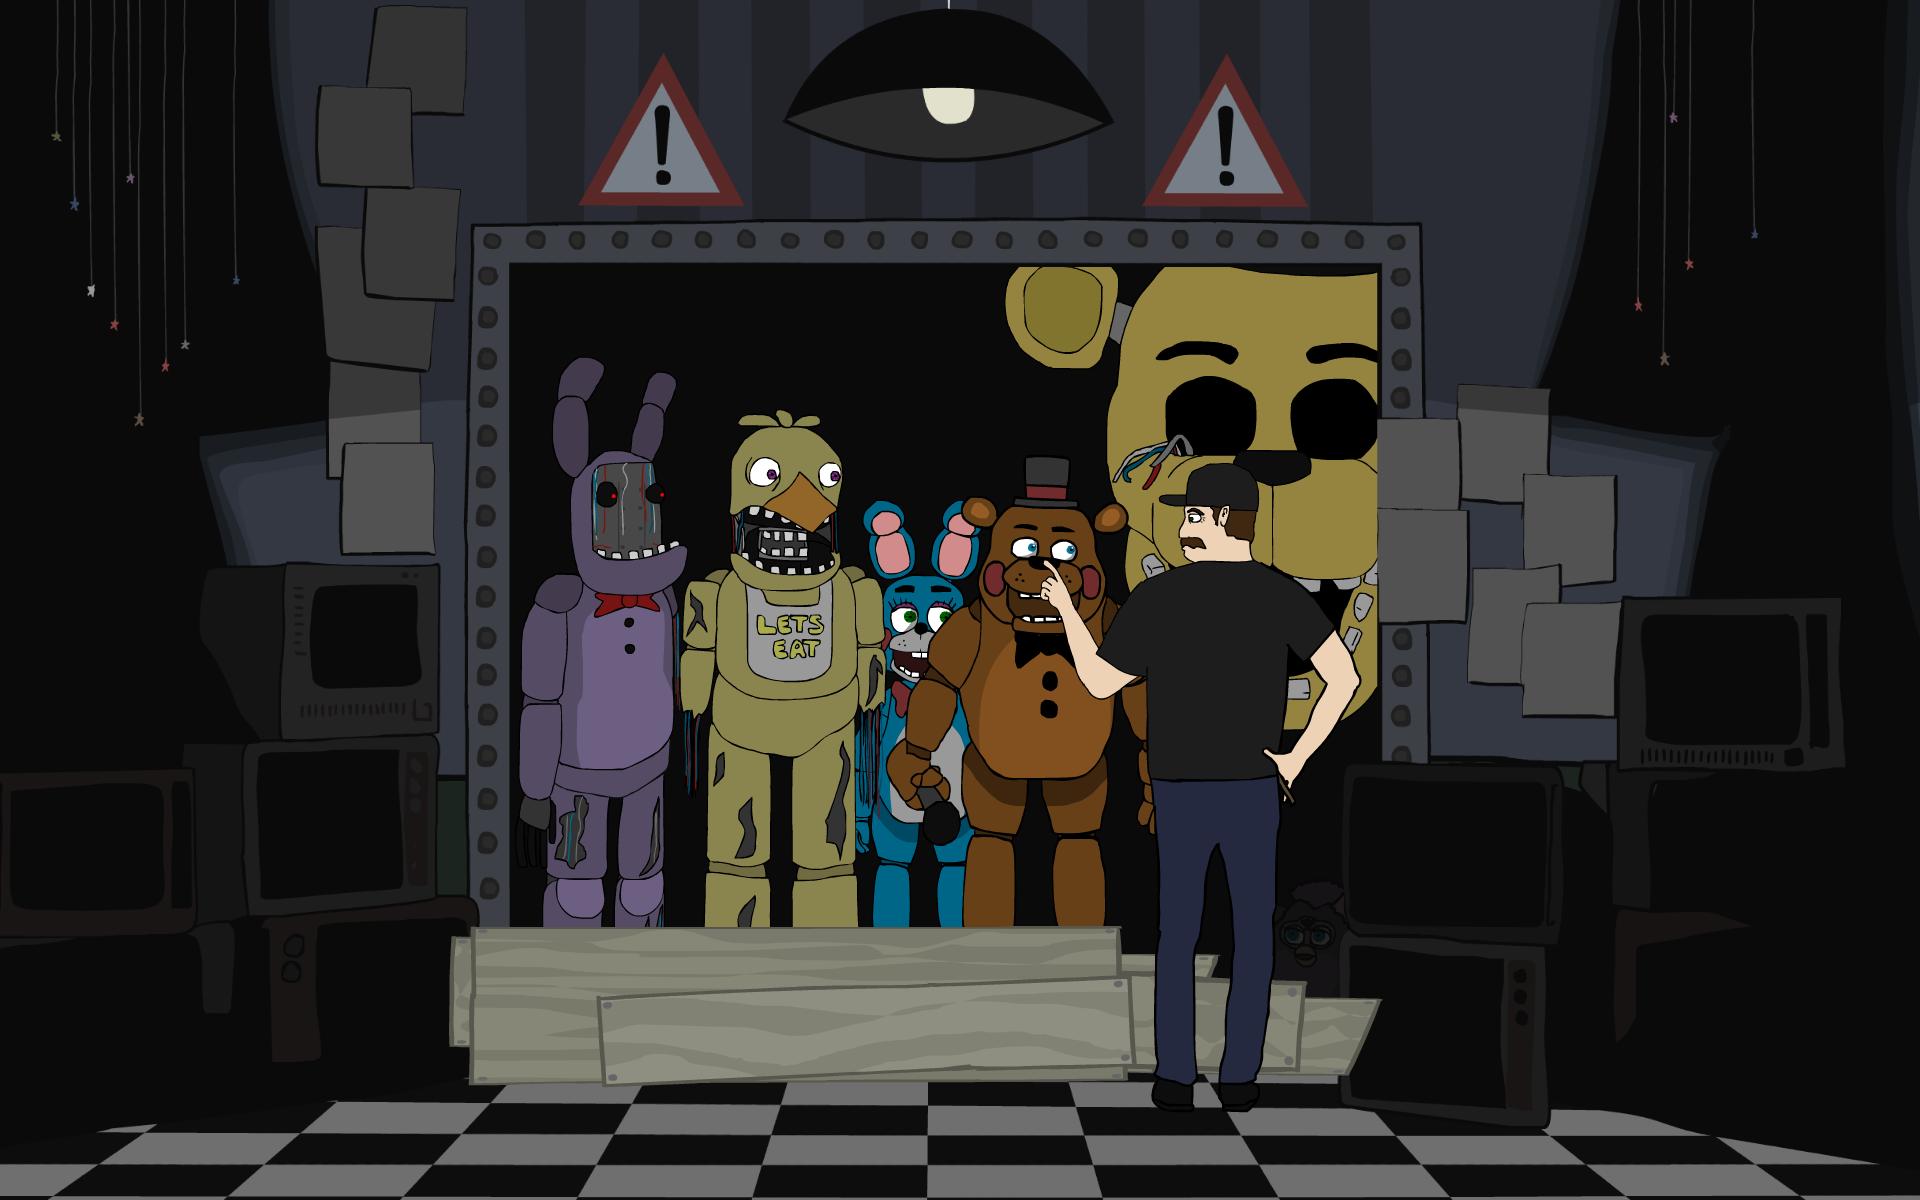 Видео игры 5 ночей с фредди приколы картинки